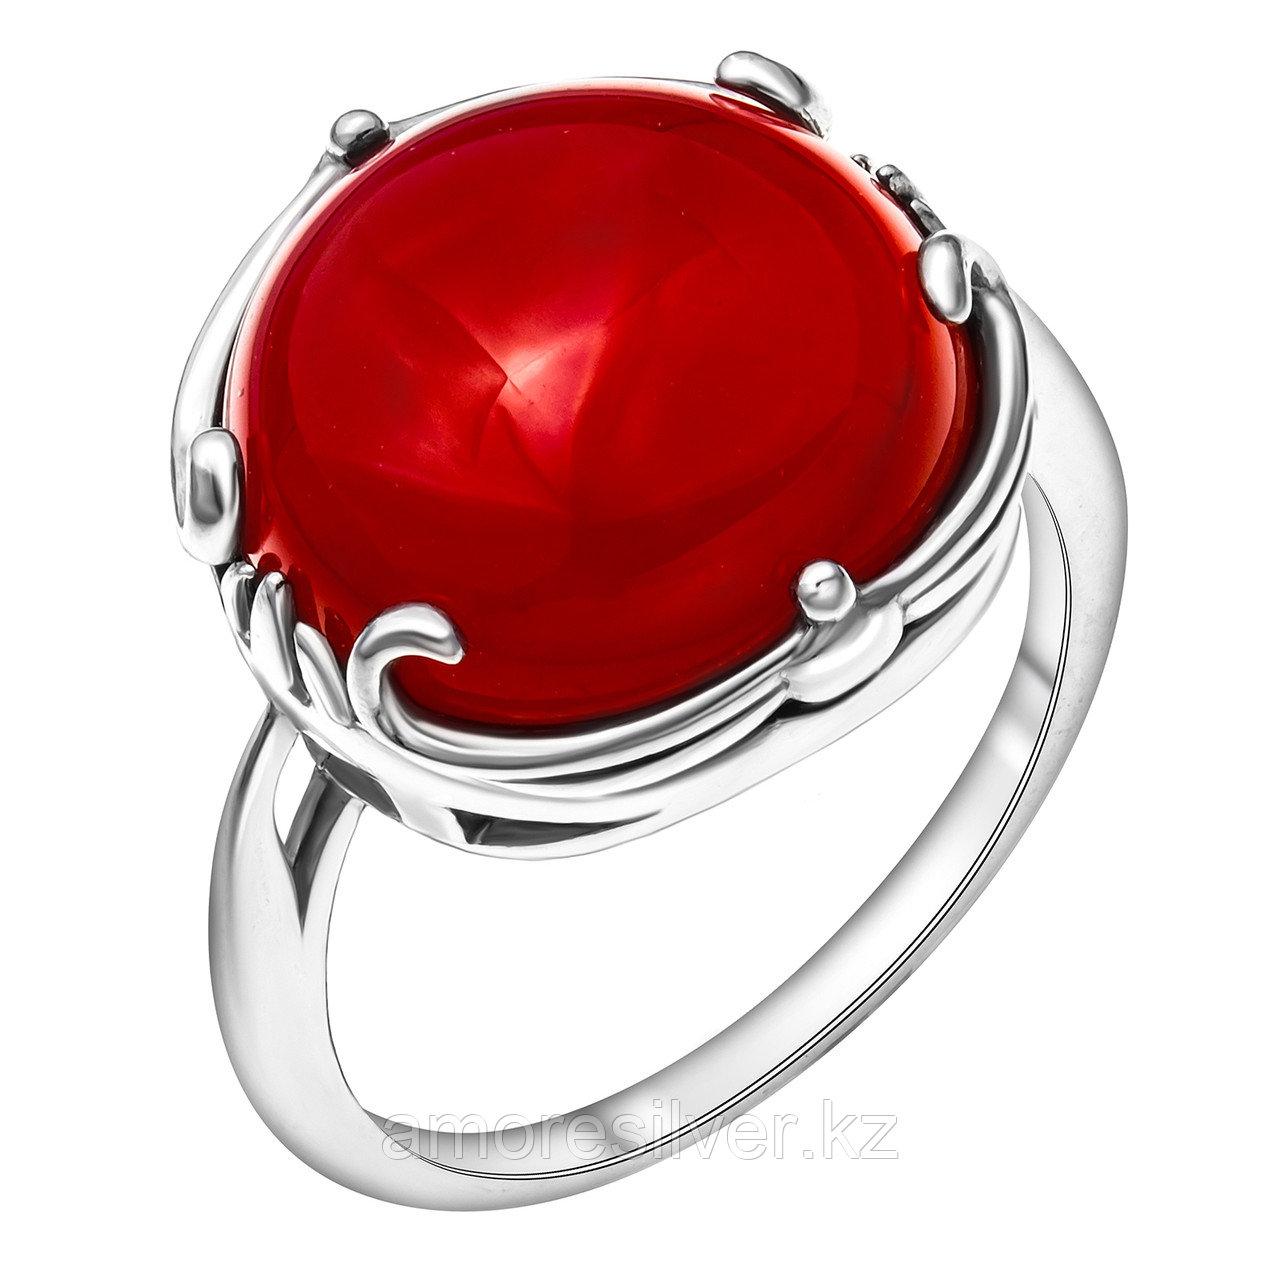 Кольцо из серебра с сердоликом синтетическим и сердоликом  Приволжский Ювелир 251208-CRN